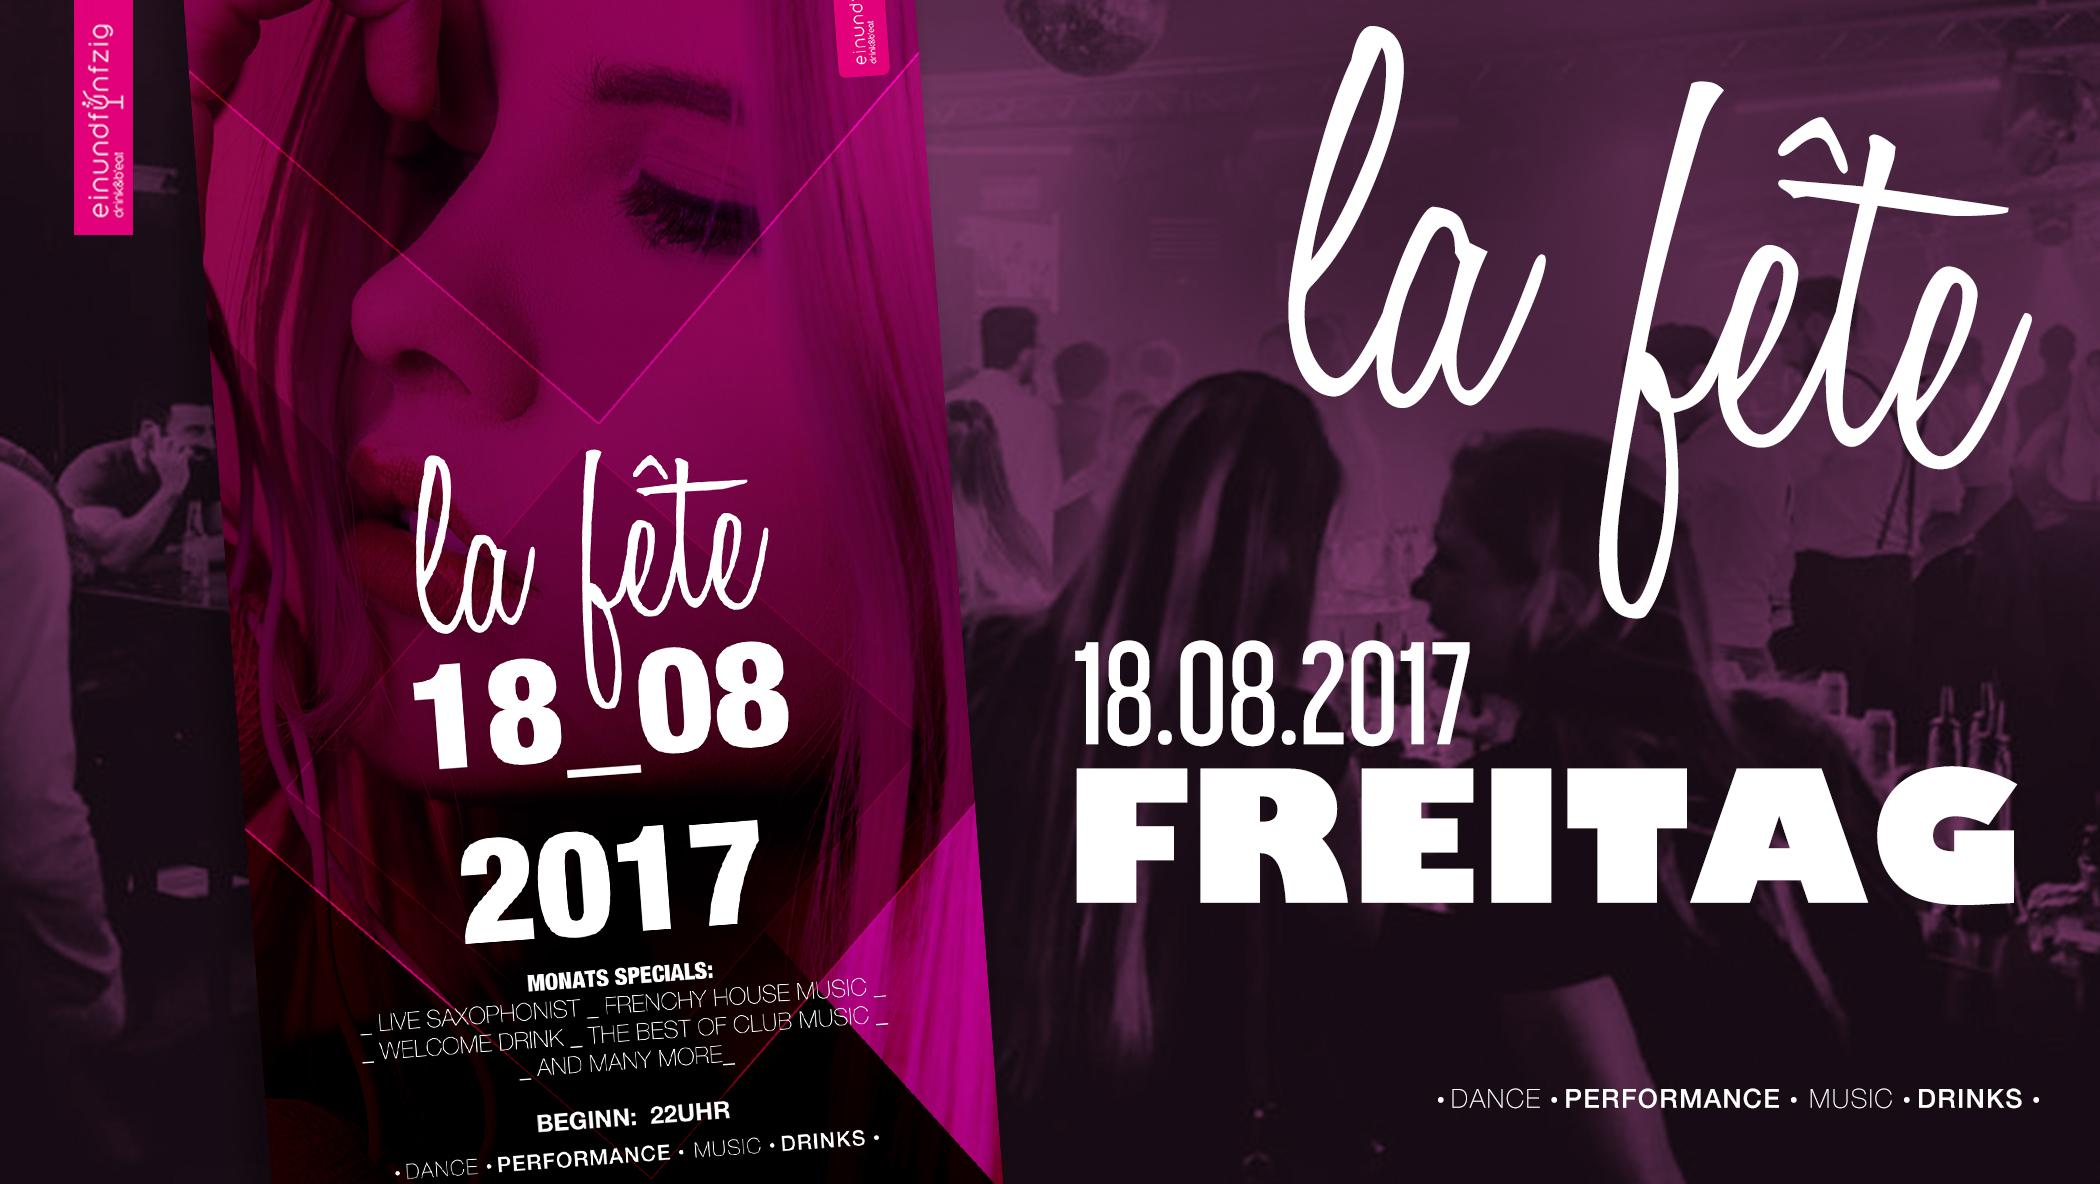 18.08.2017 – La Fête @einundfuenfzig